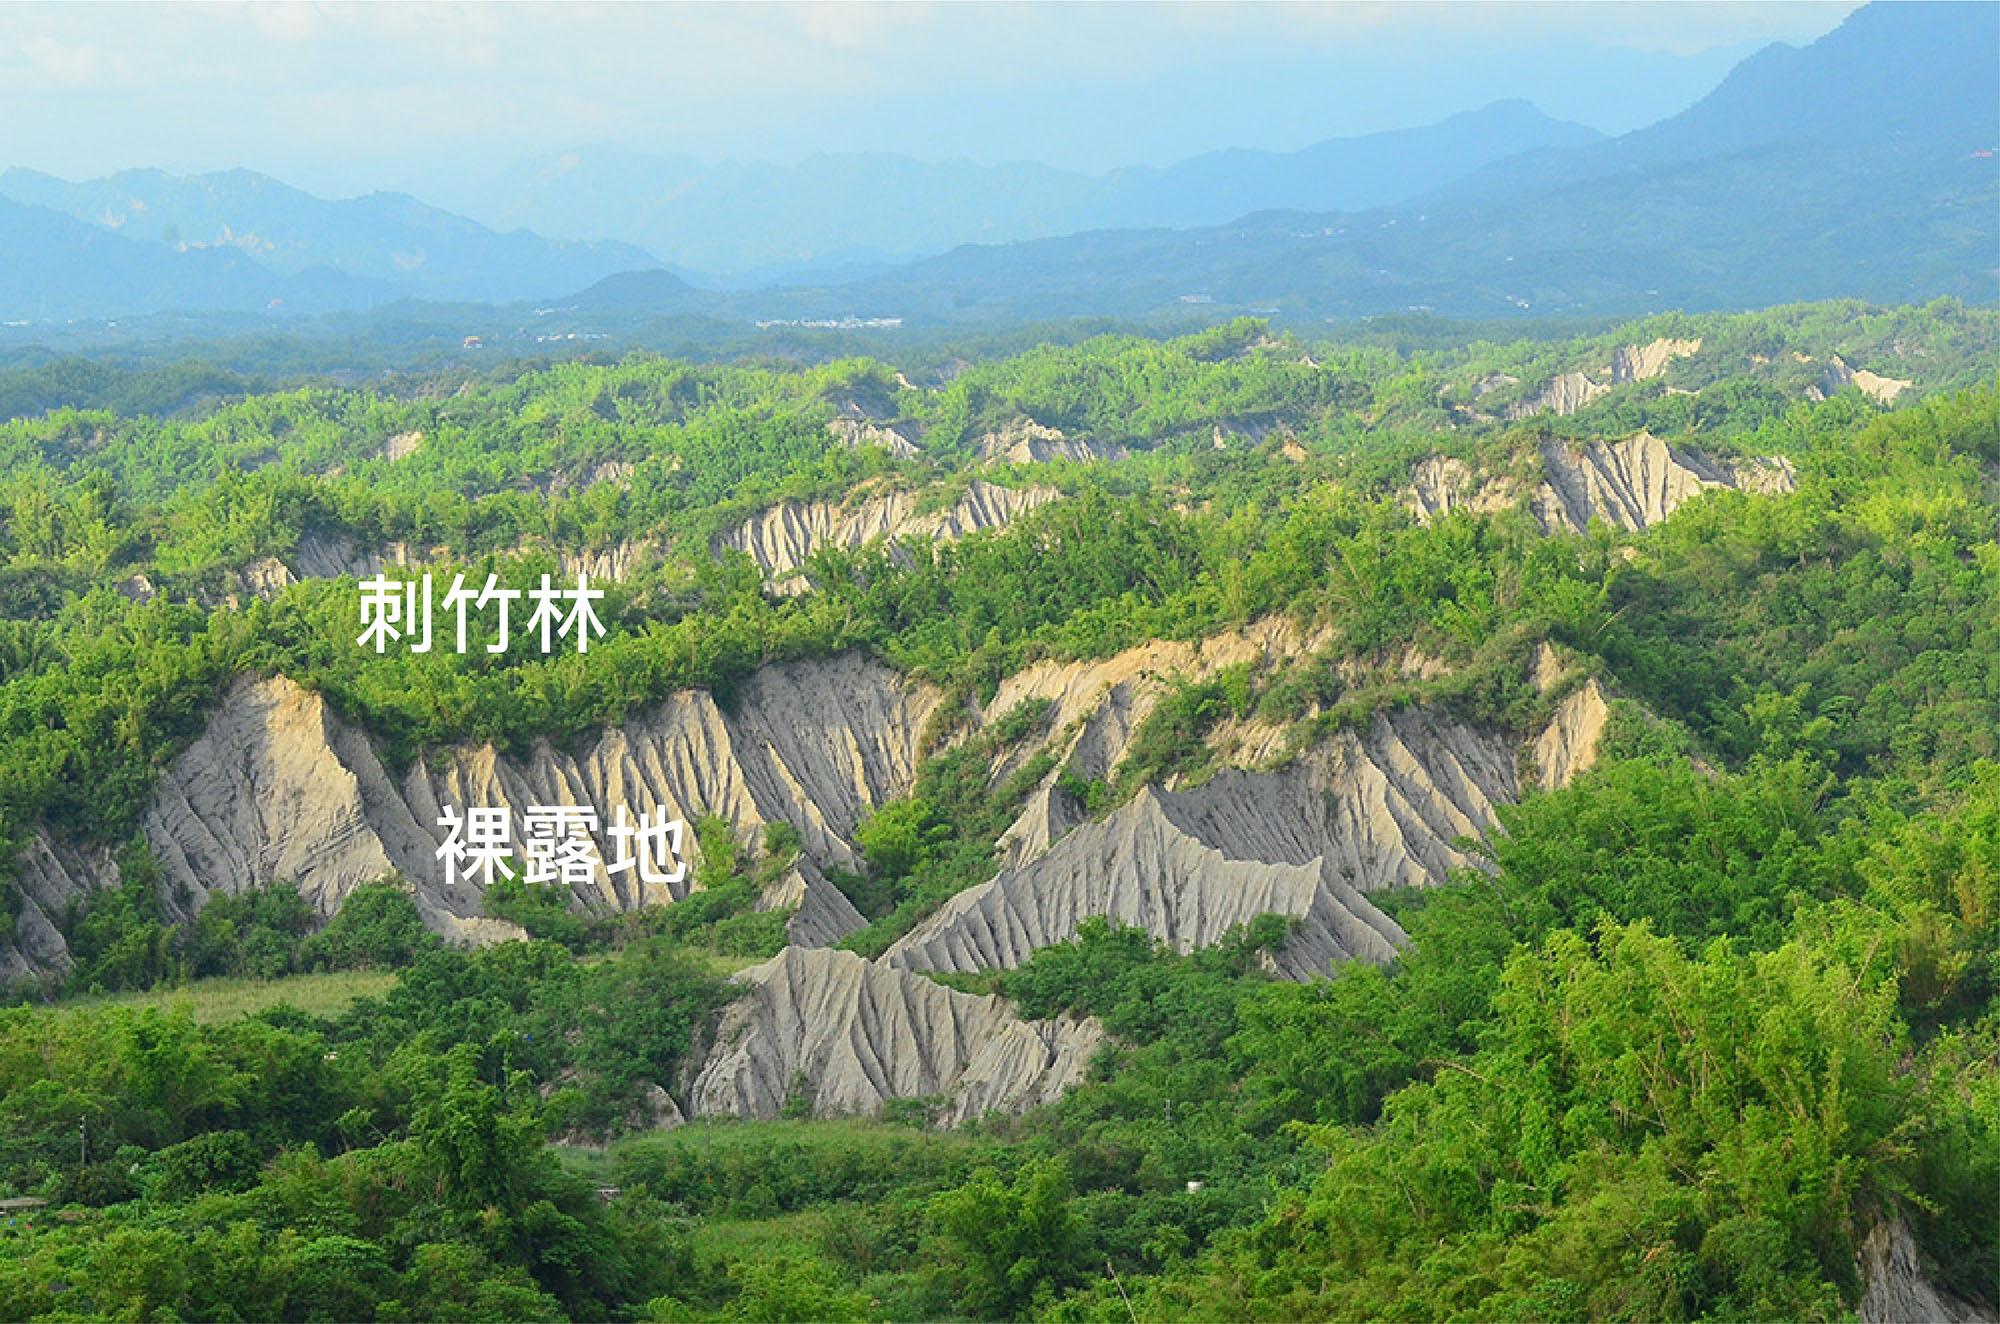 臺南左鎮的月世界。北向坡長滿綠意盎然的刺竹林,向陽乾燥的南向坡則維持裸露地。圖│邱志郁